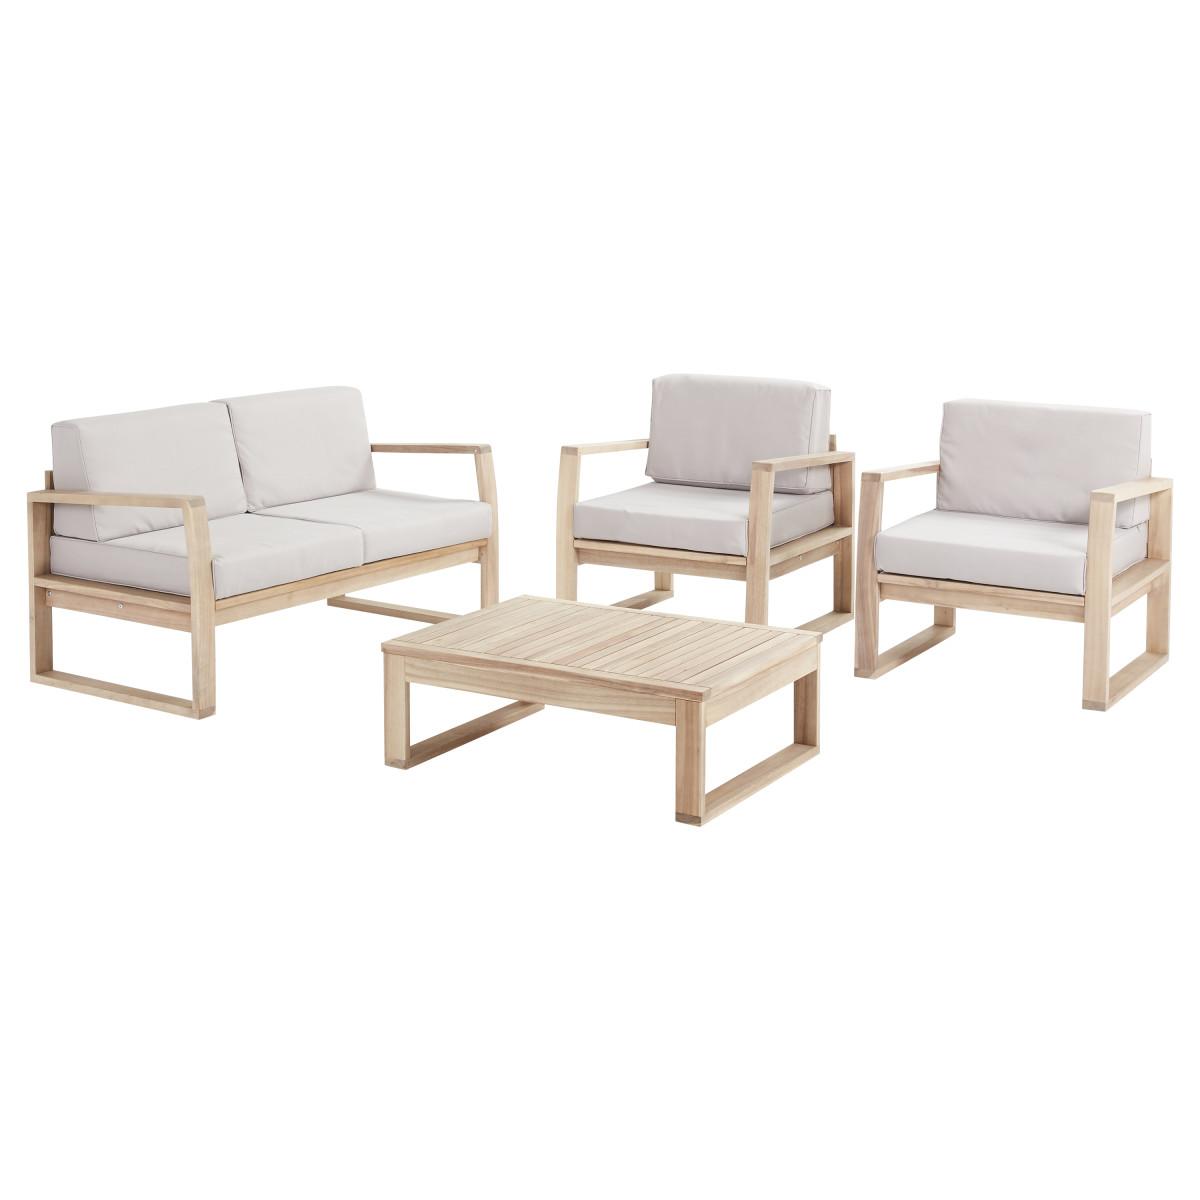 Набор садовой мебели Naterial Solaris акация светло-коричневый стол диван и 2 кресла